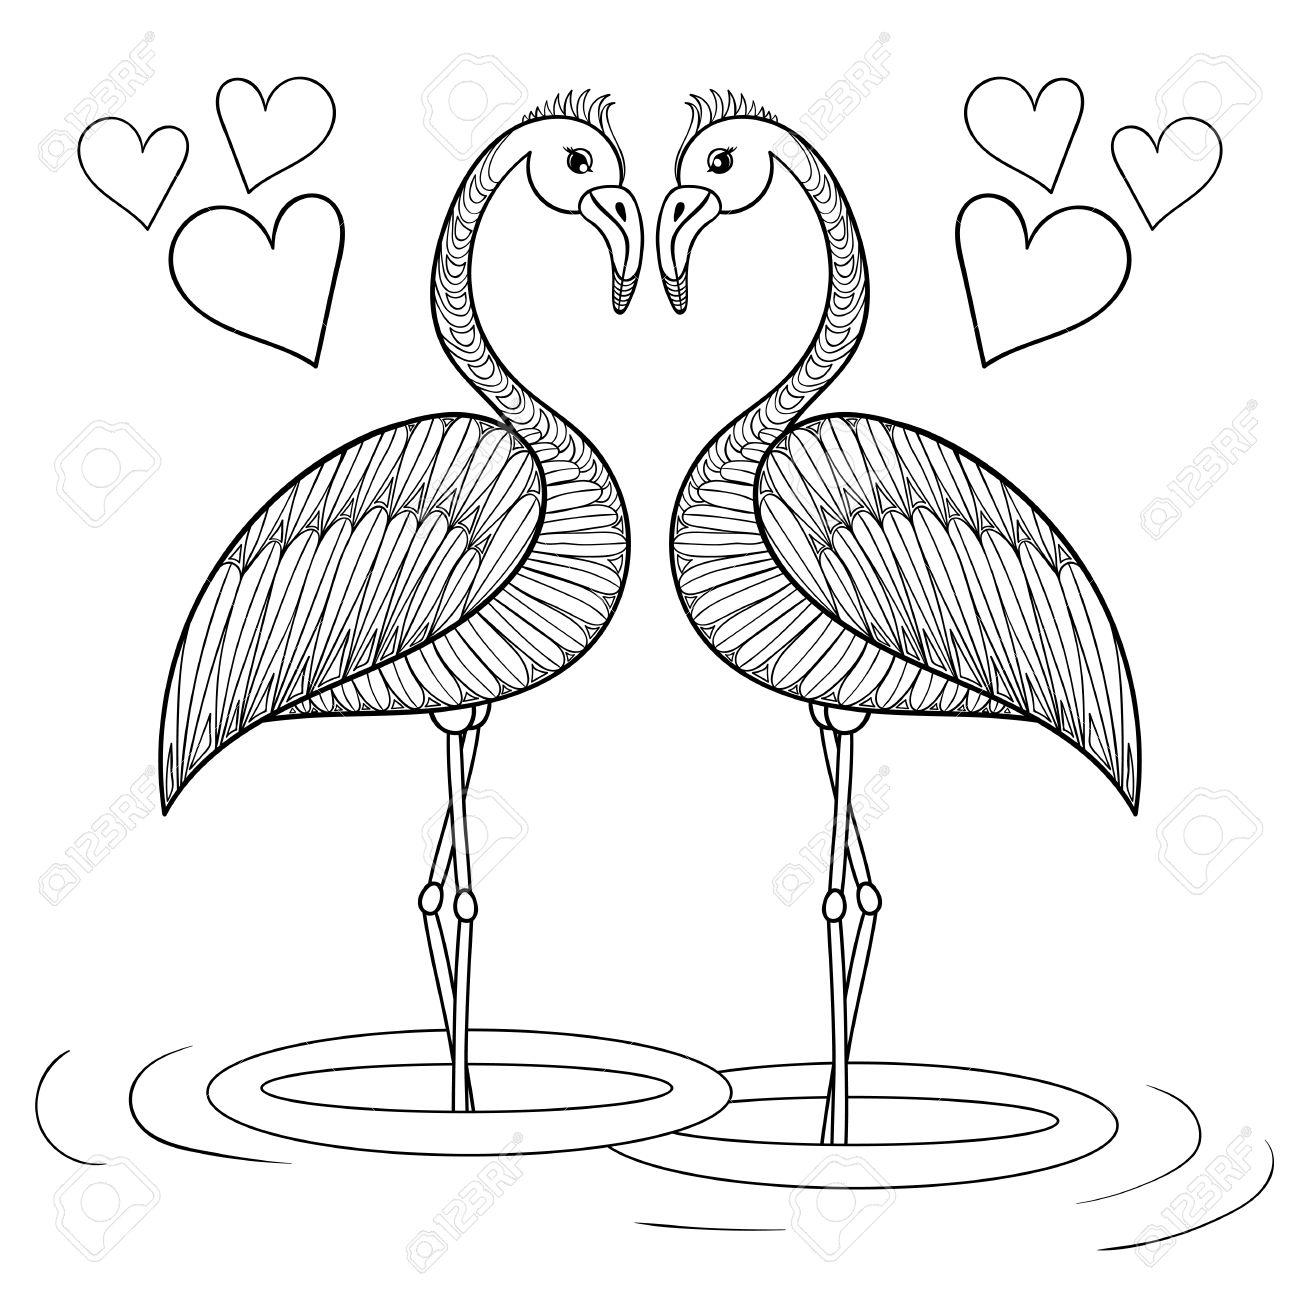 Malvorlage Mit Flamingo Vögel In Der Liebe, Zentangle Handzeichnung ...